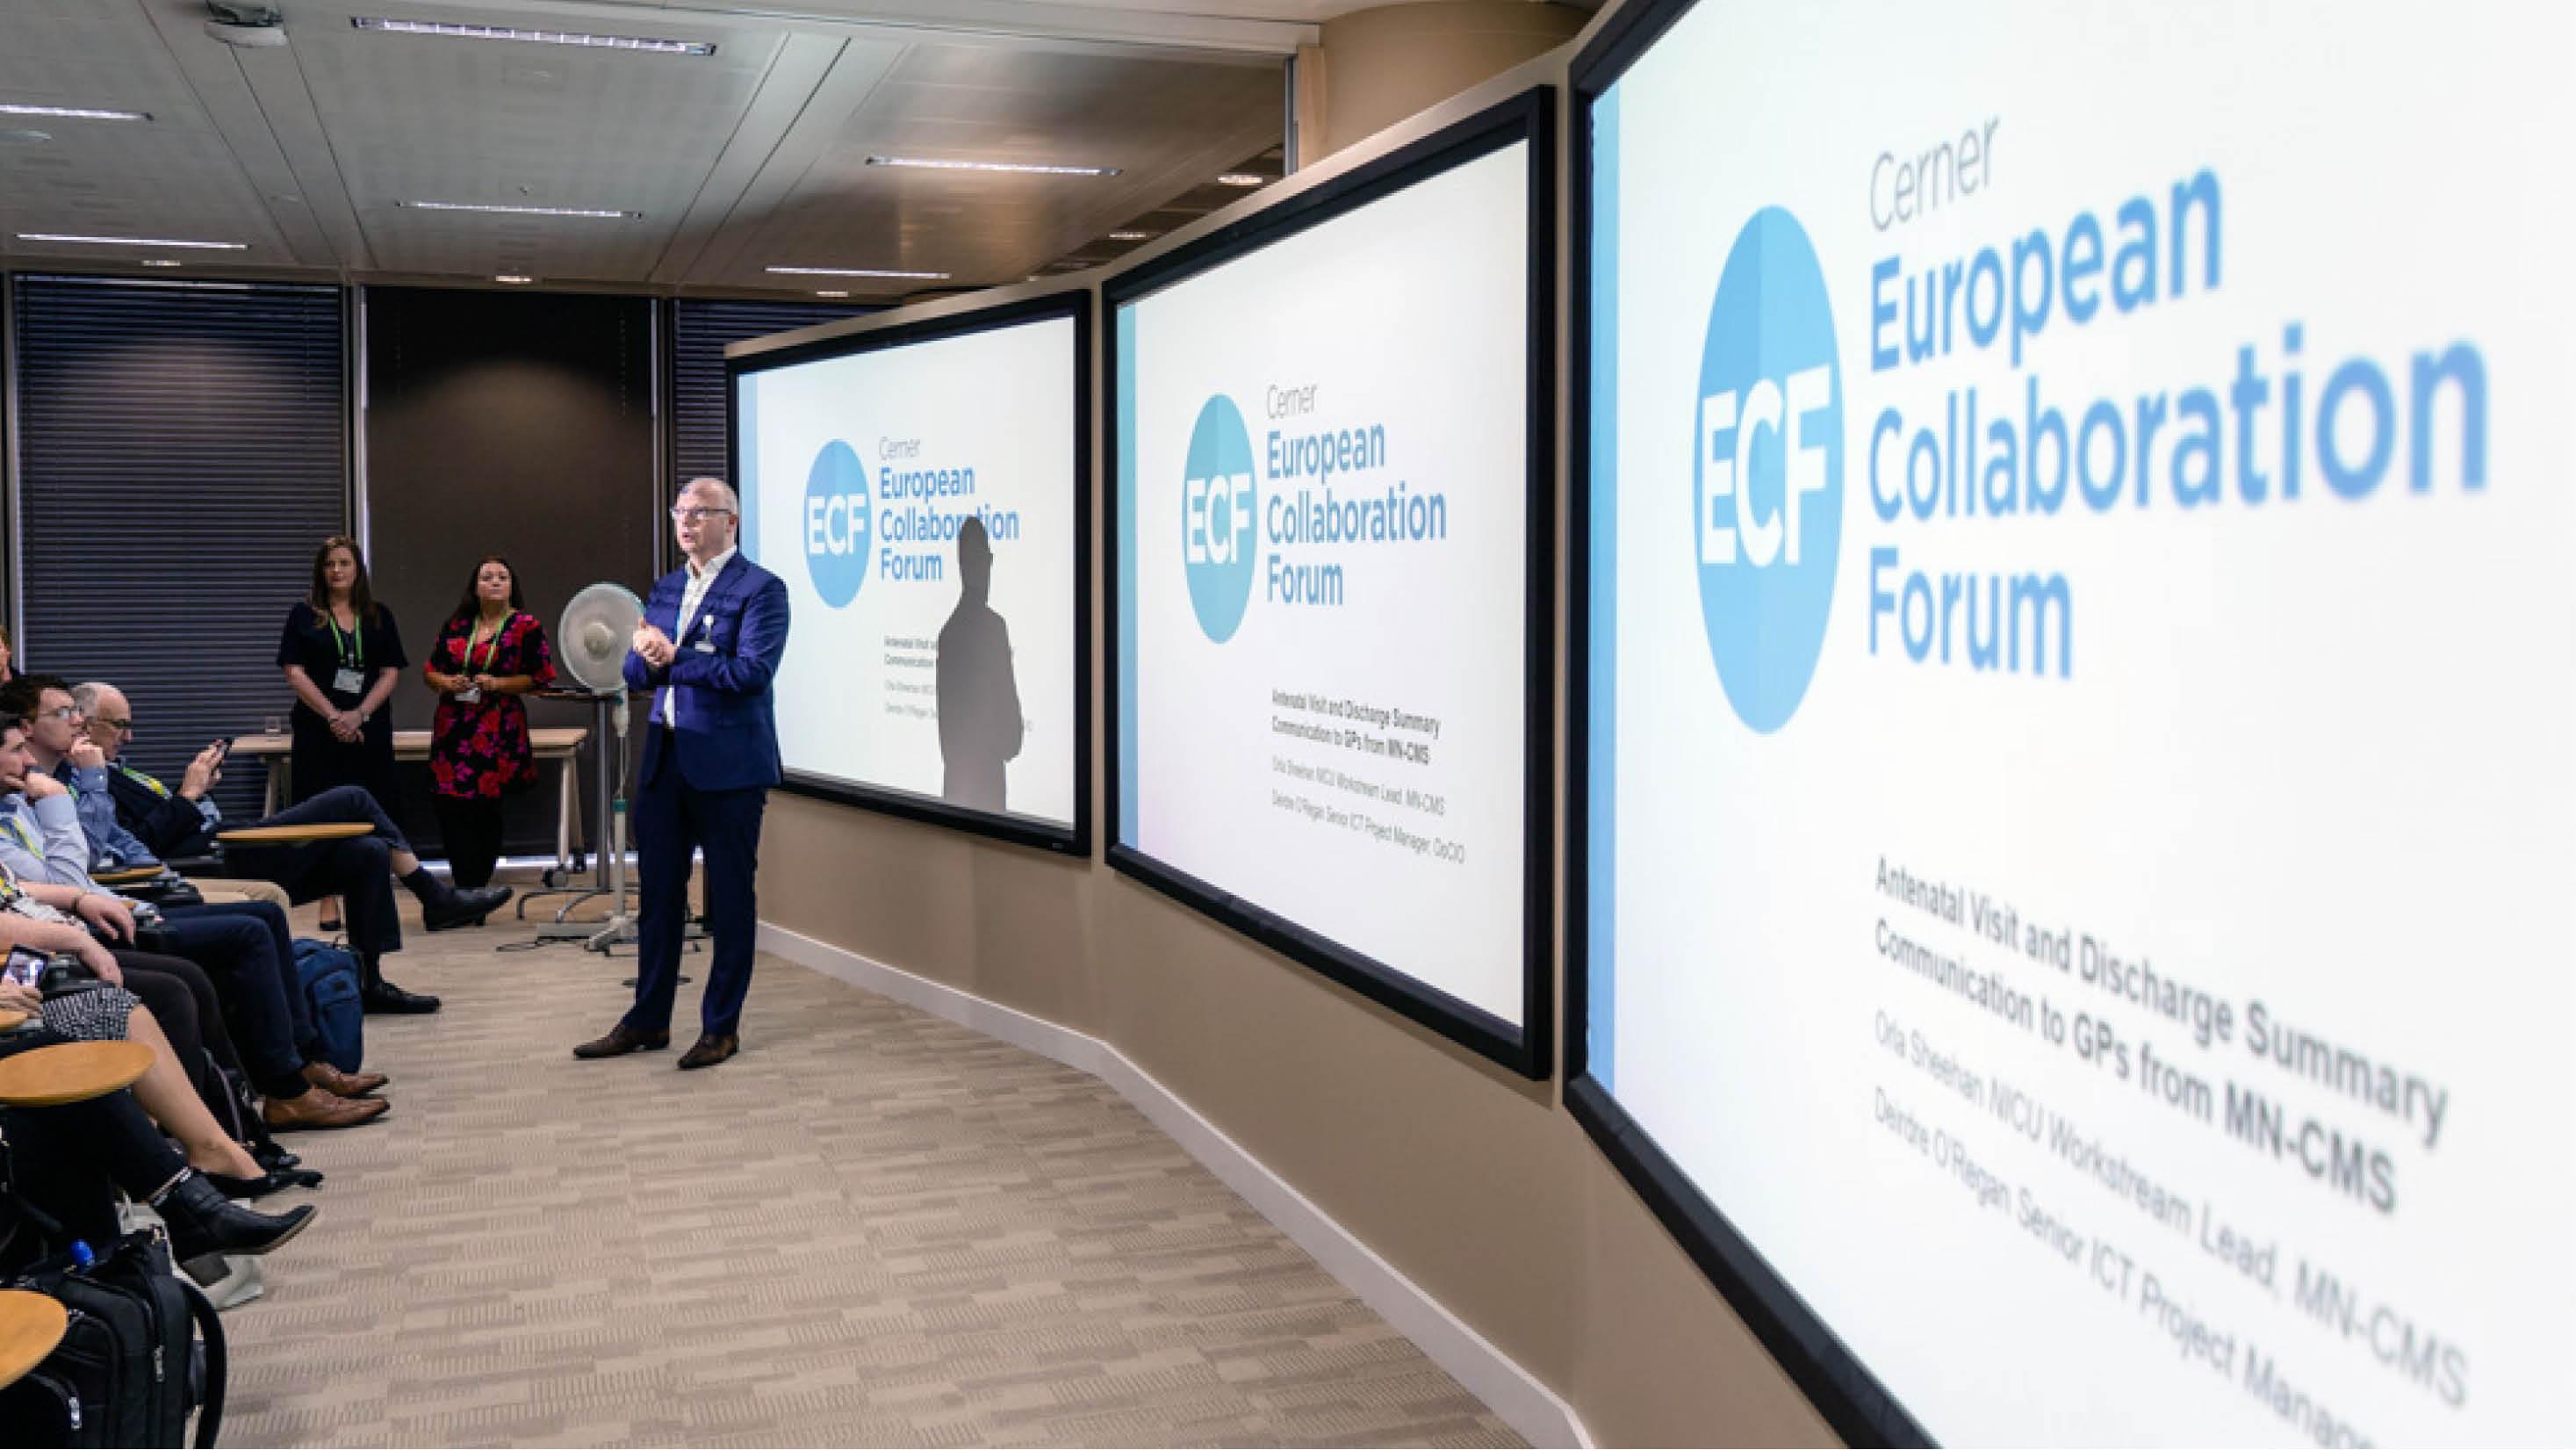 Cerner European Collaboration Forum